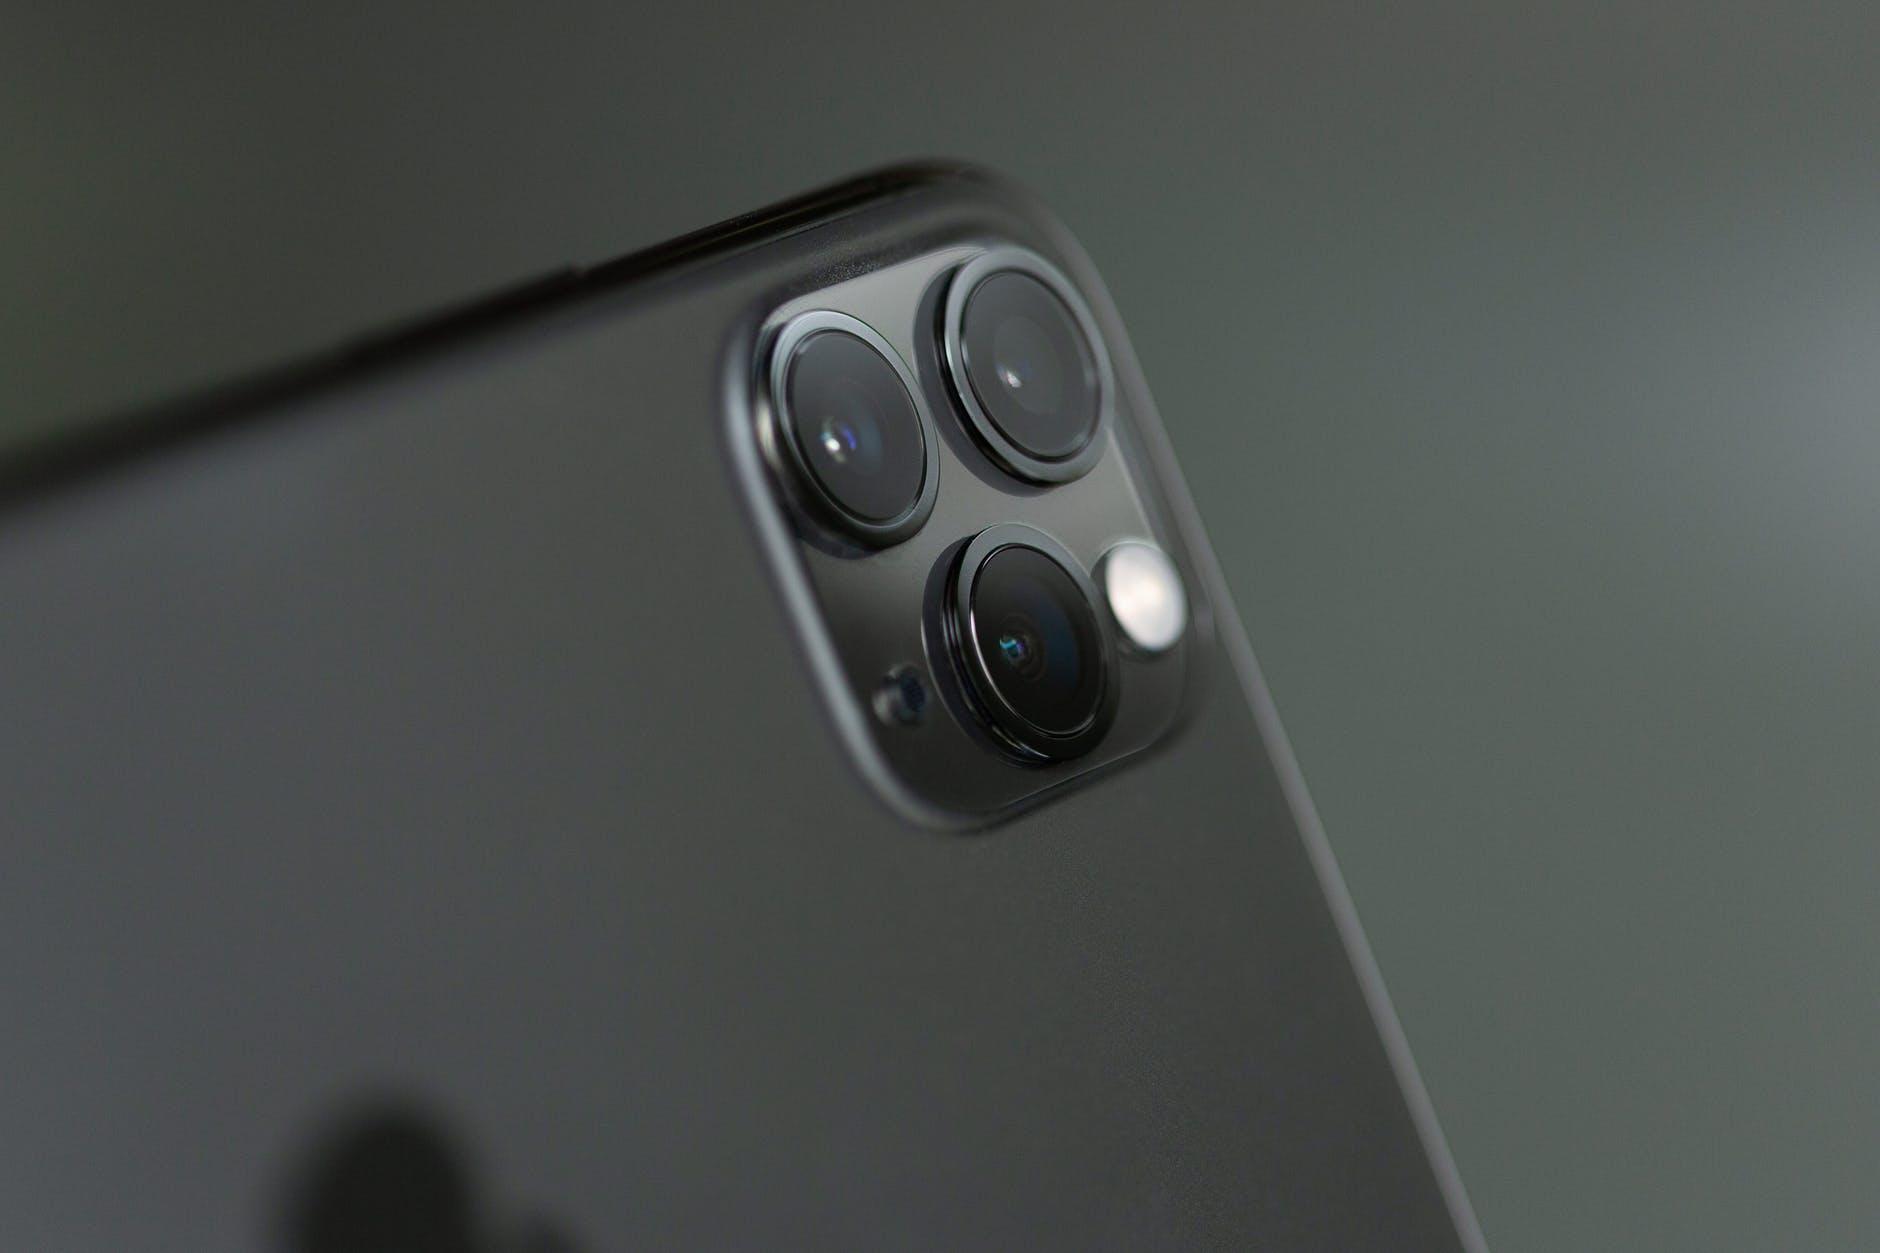 kumpulan-rumor-apple-iphone-13-fitur-yang-diharapkan